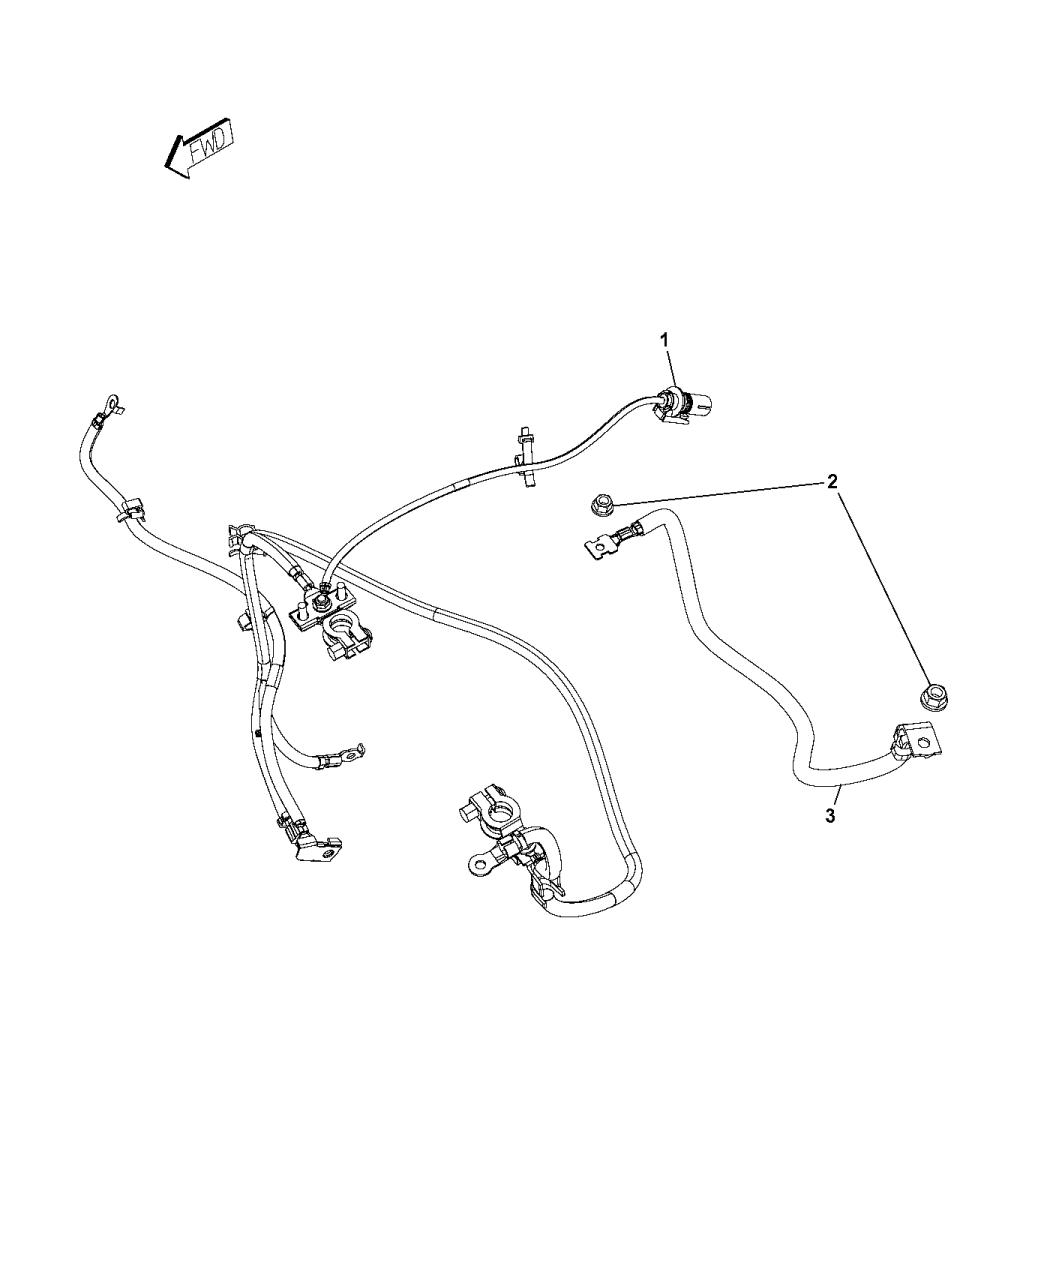 4801329AD - Genuine Mopar WIRING-BATTERY FEED